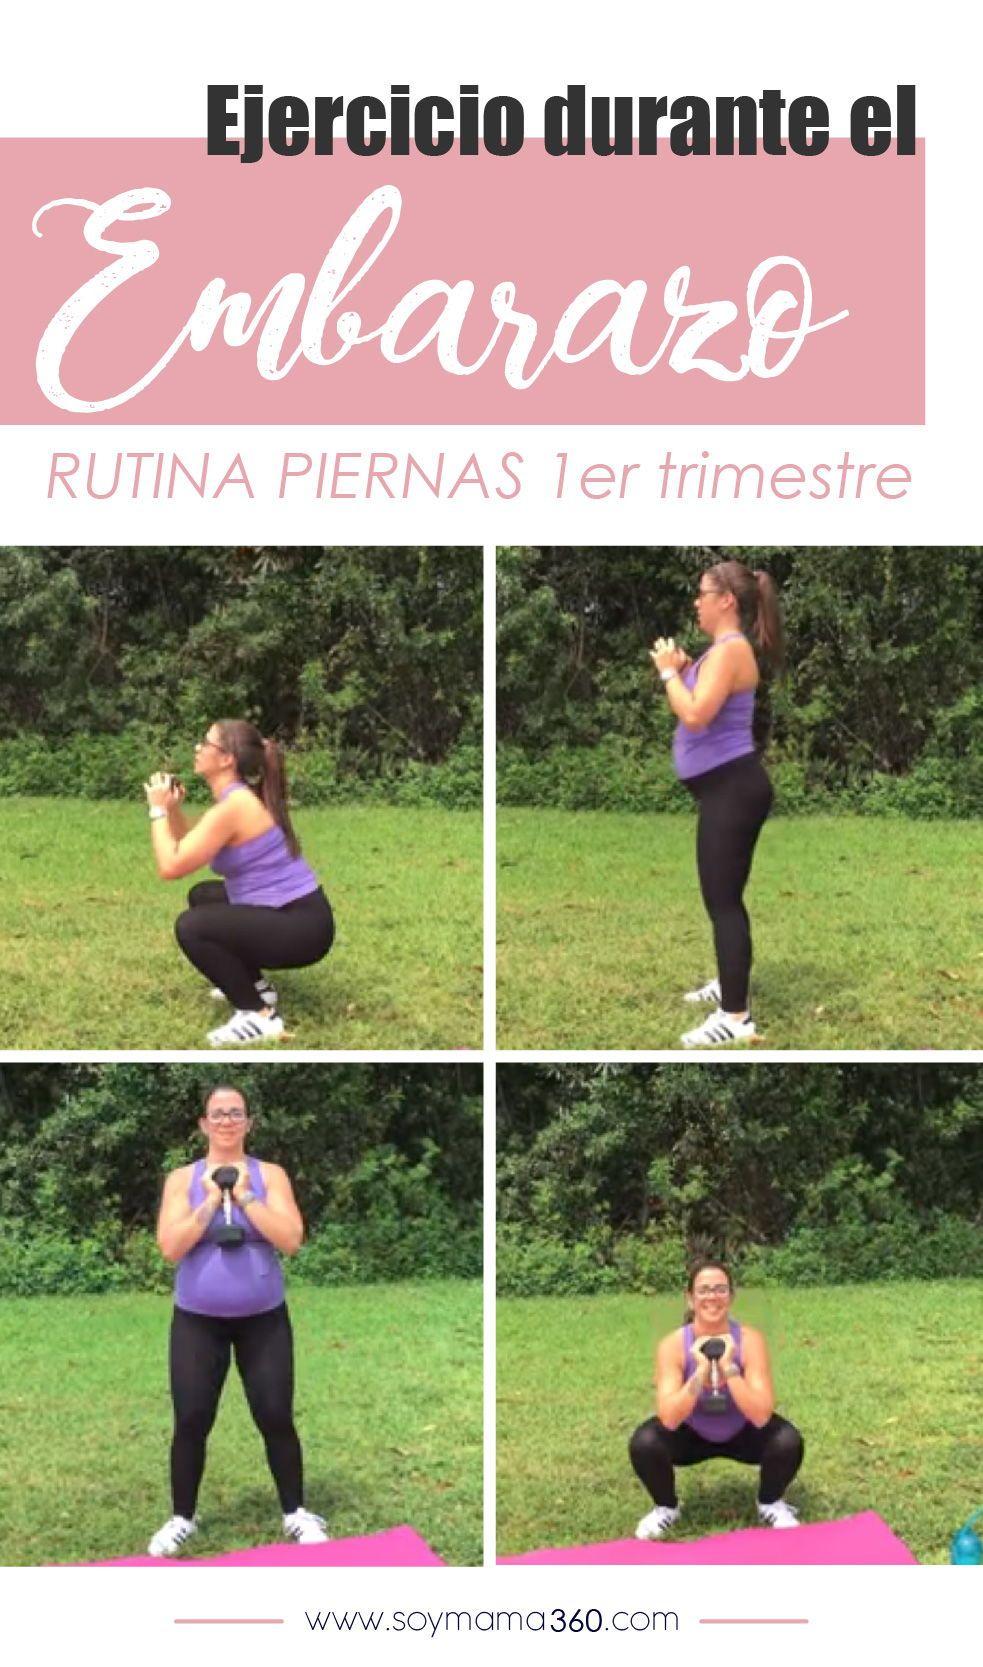 rutina de ejercicios para embarazadas primer trimestre